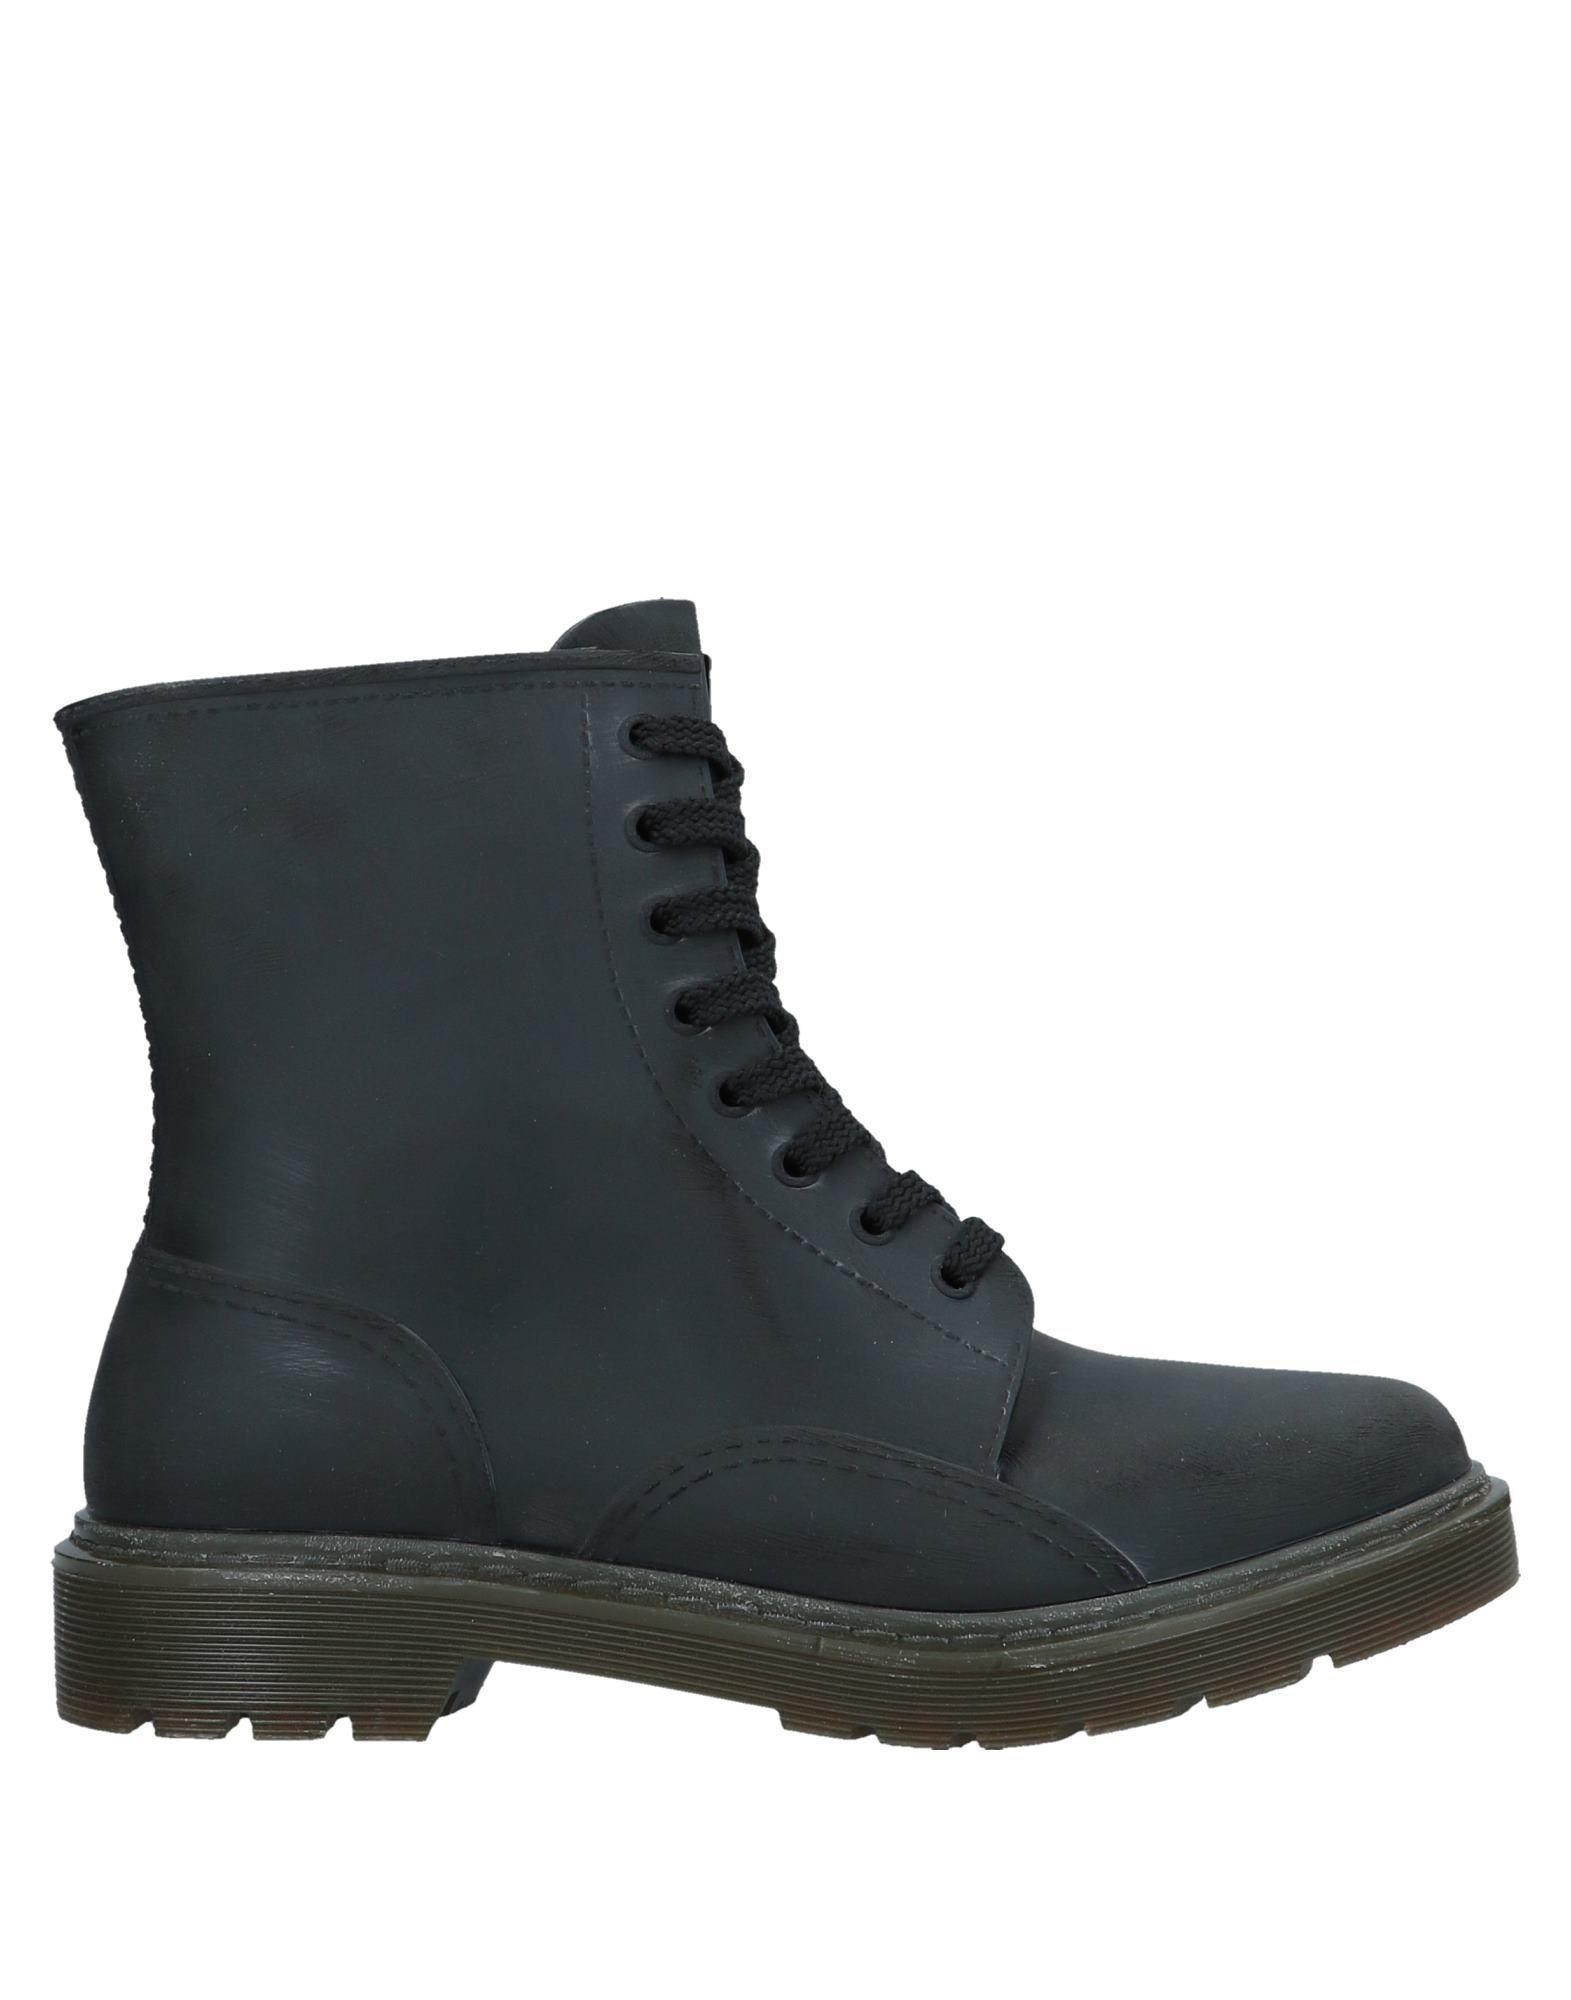 Stilvolle Stiefelette billige Schuhe Liviana Conti Stiefelette Stilvolle Damen  11554920MQ 413b65